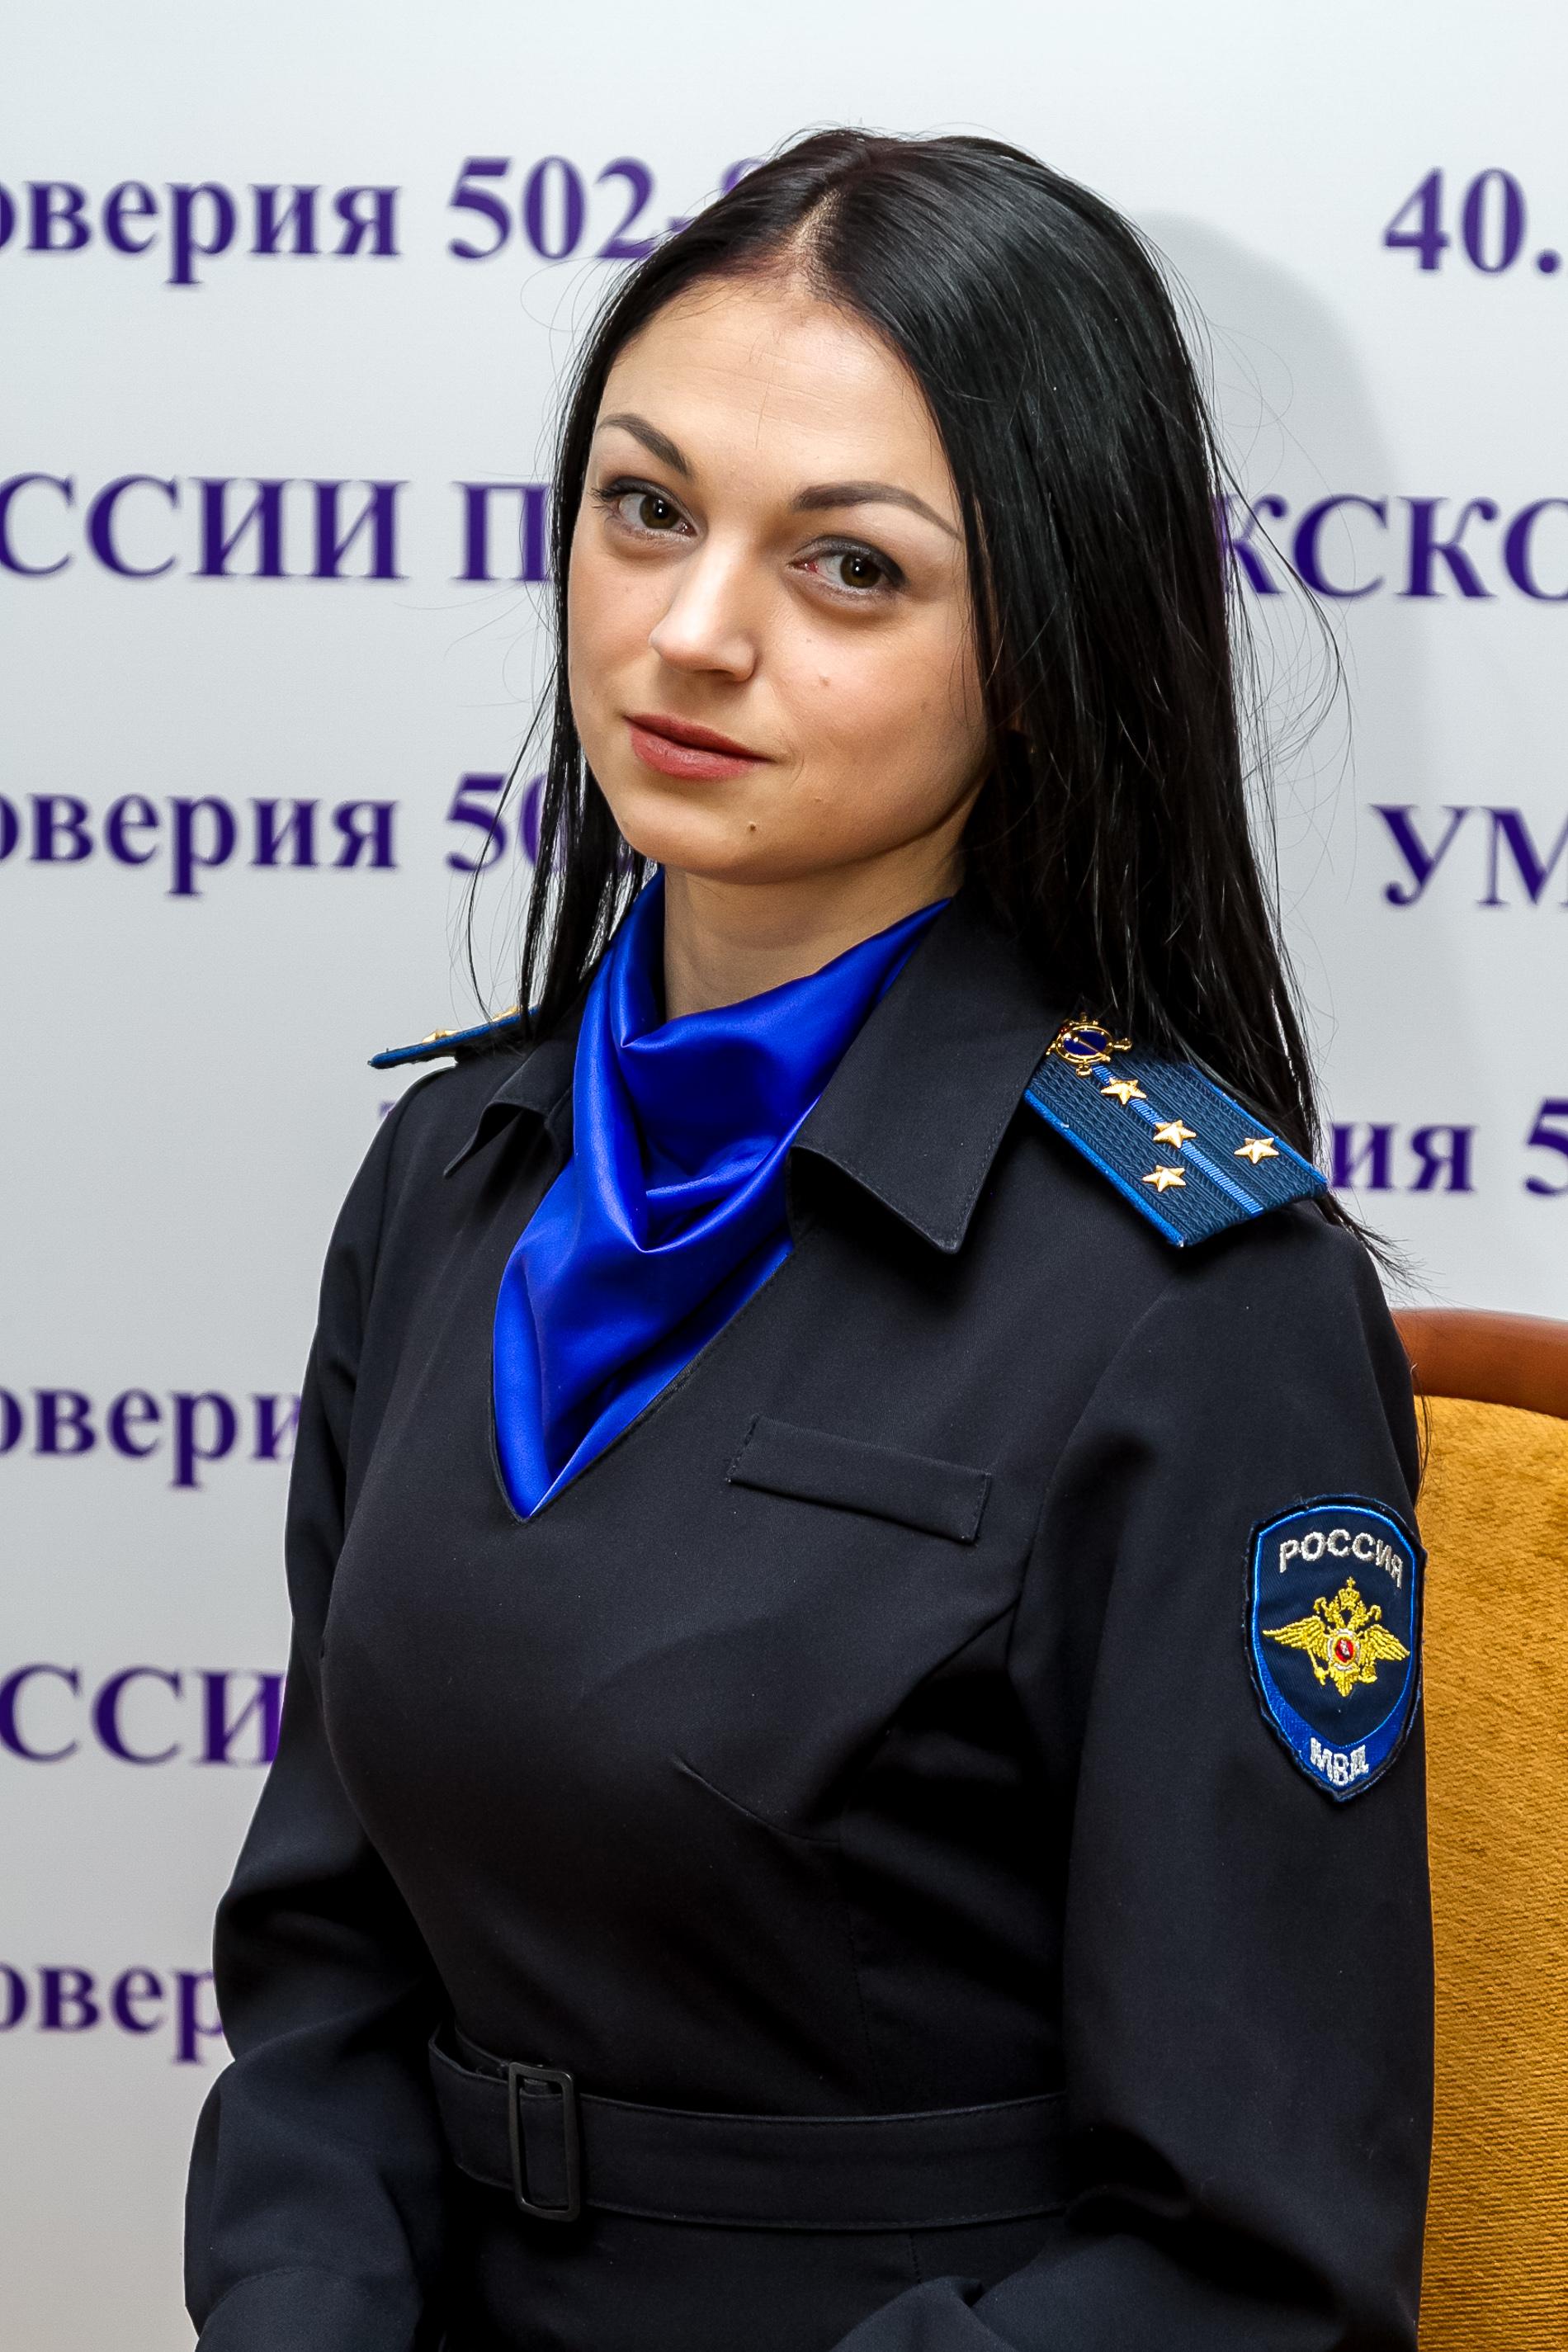 Работа в полиции калуга для девушки психодинамическая девушка модель в психосоциальной работе